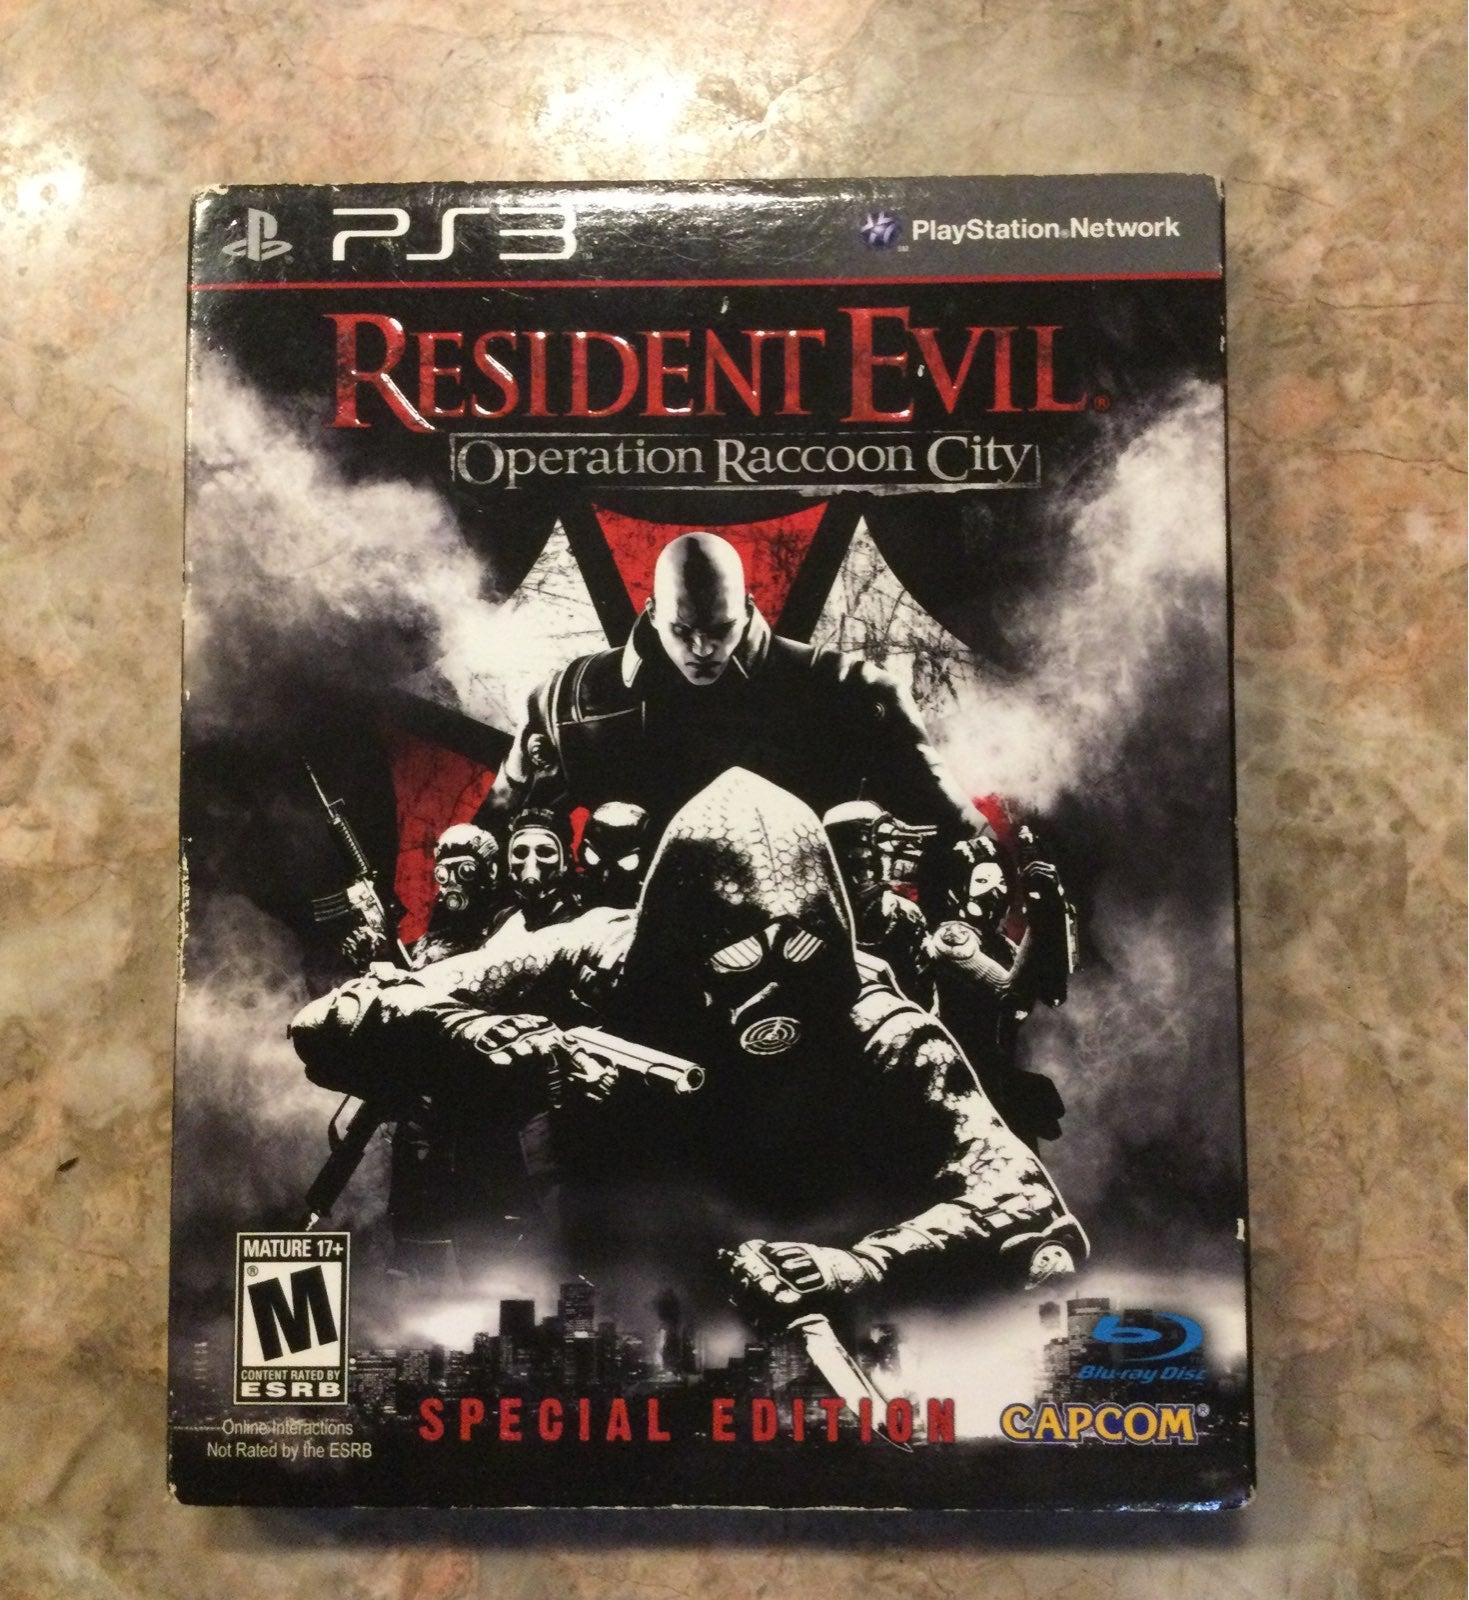 PS3 Resident evil